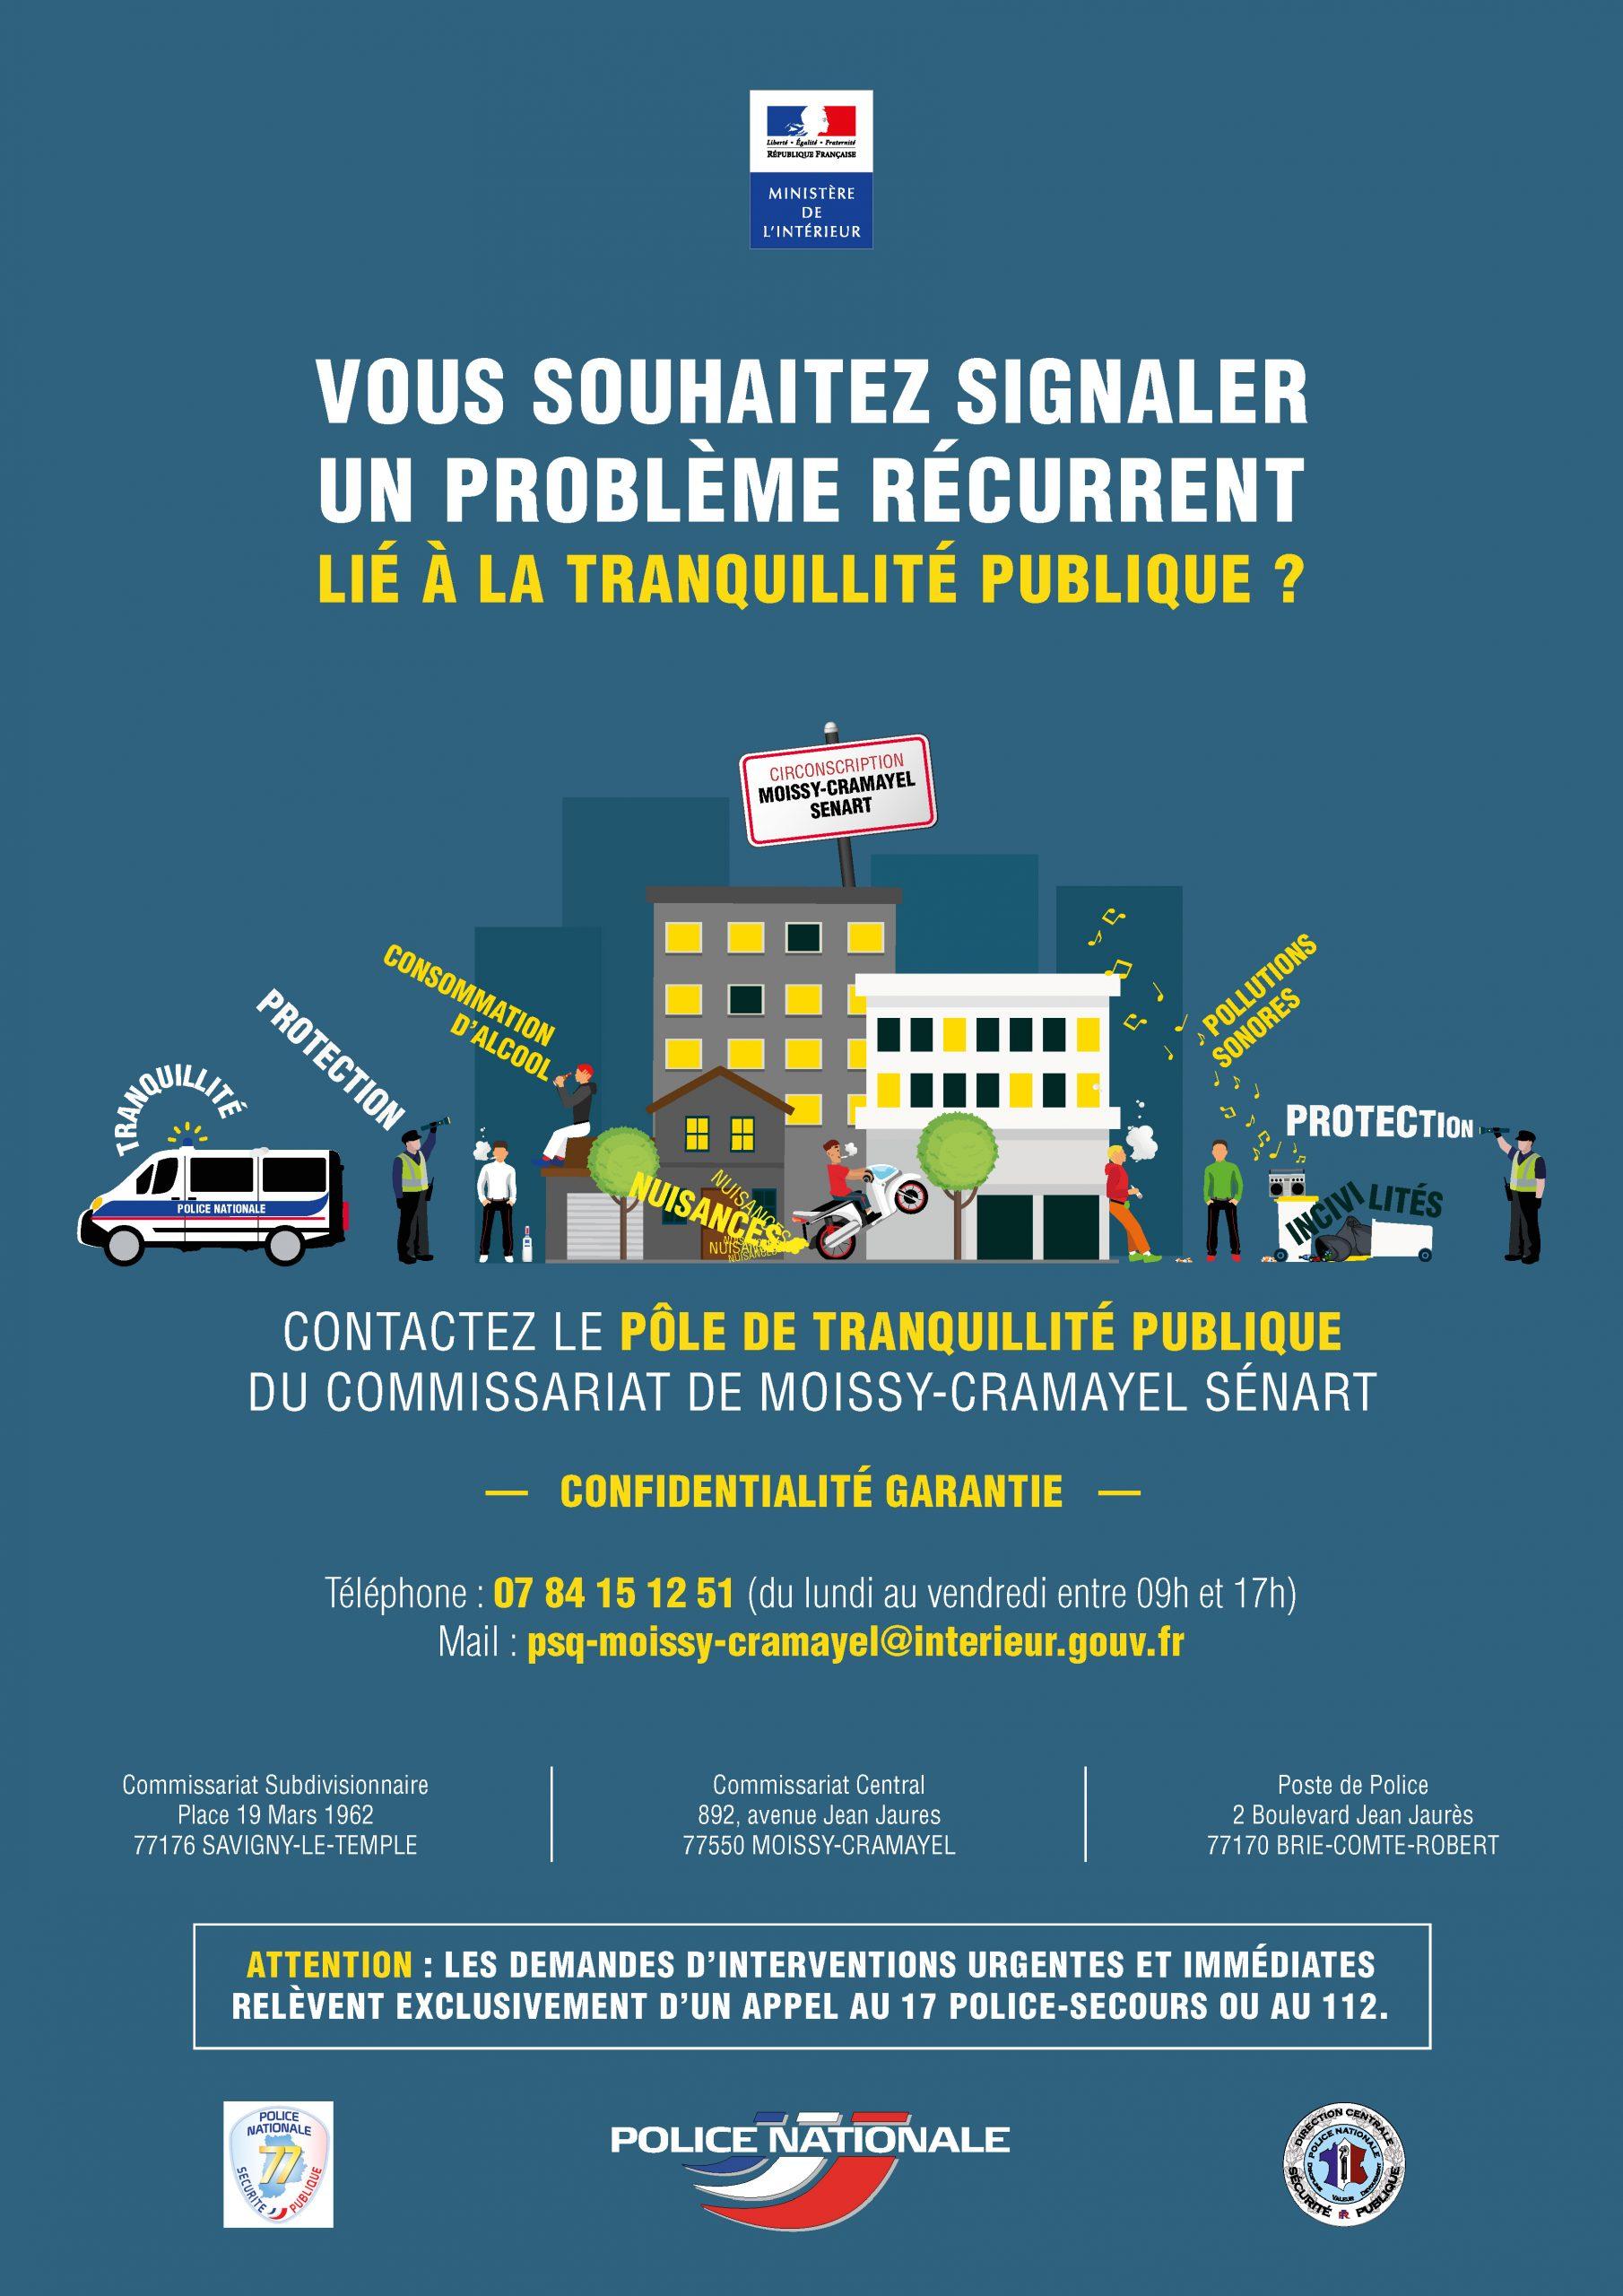 Pôle De Tranquillité Publique • Mairie Vert-Saint-Denis concernant Piscine De Moissy Cramayel